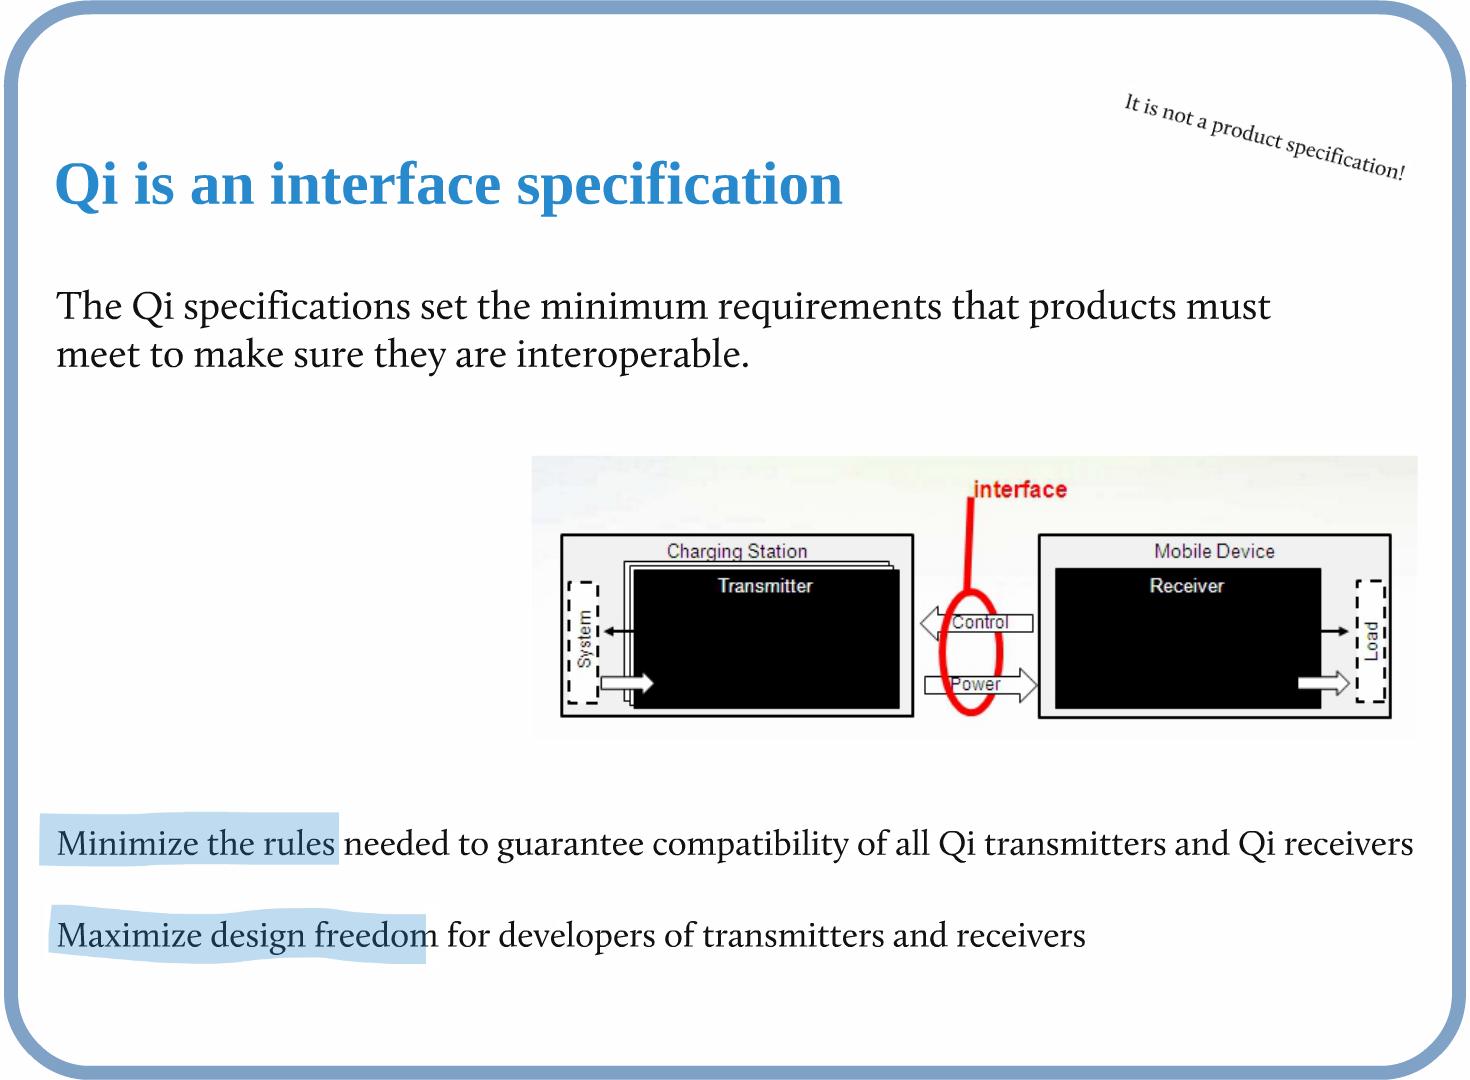 Dossier tout savoir sur la technologie de recharge sans fil qi - Comment savoir si une poele est compatible induction ...